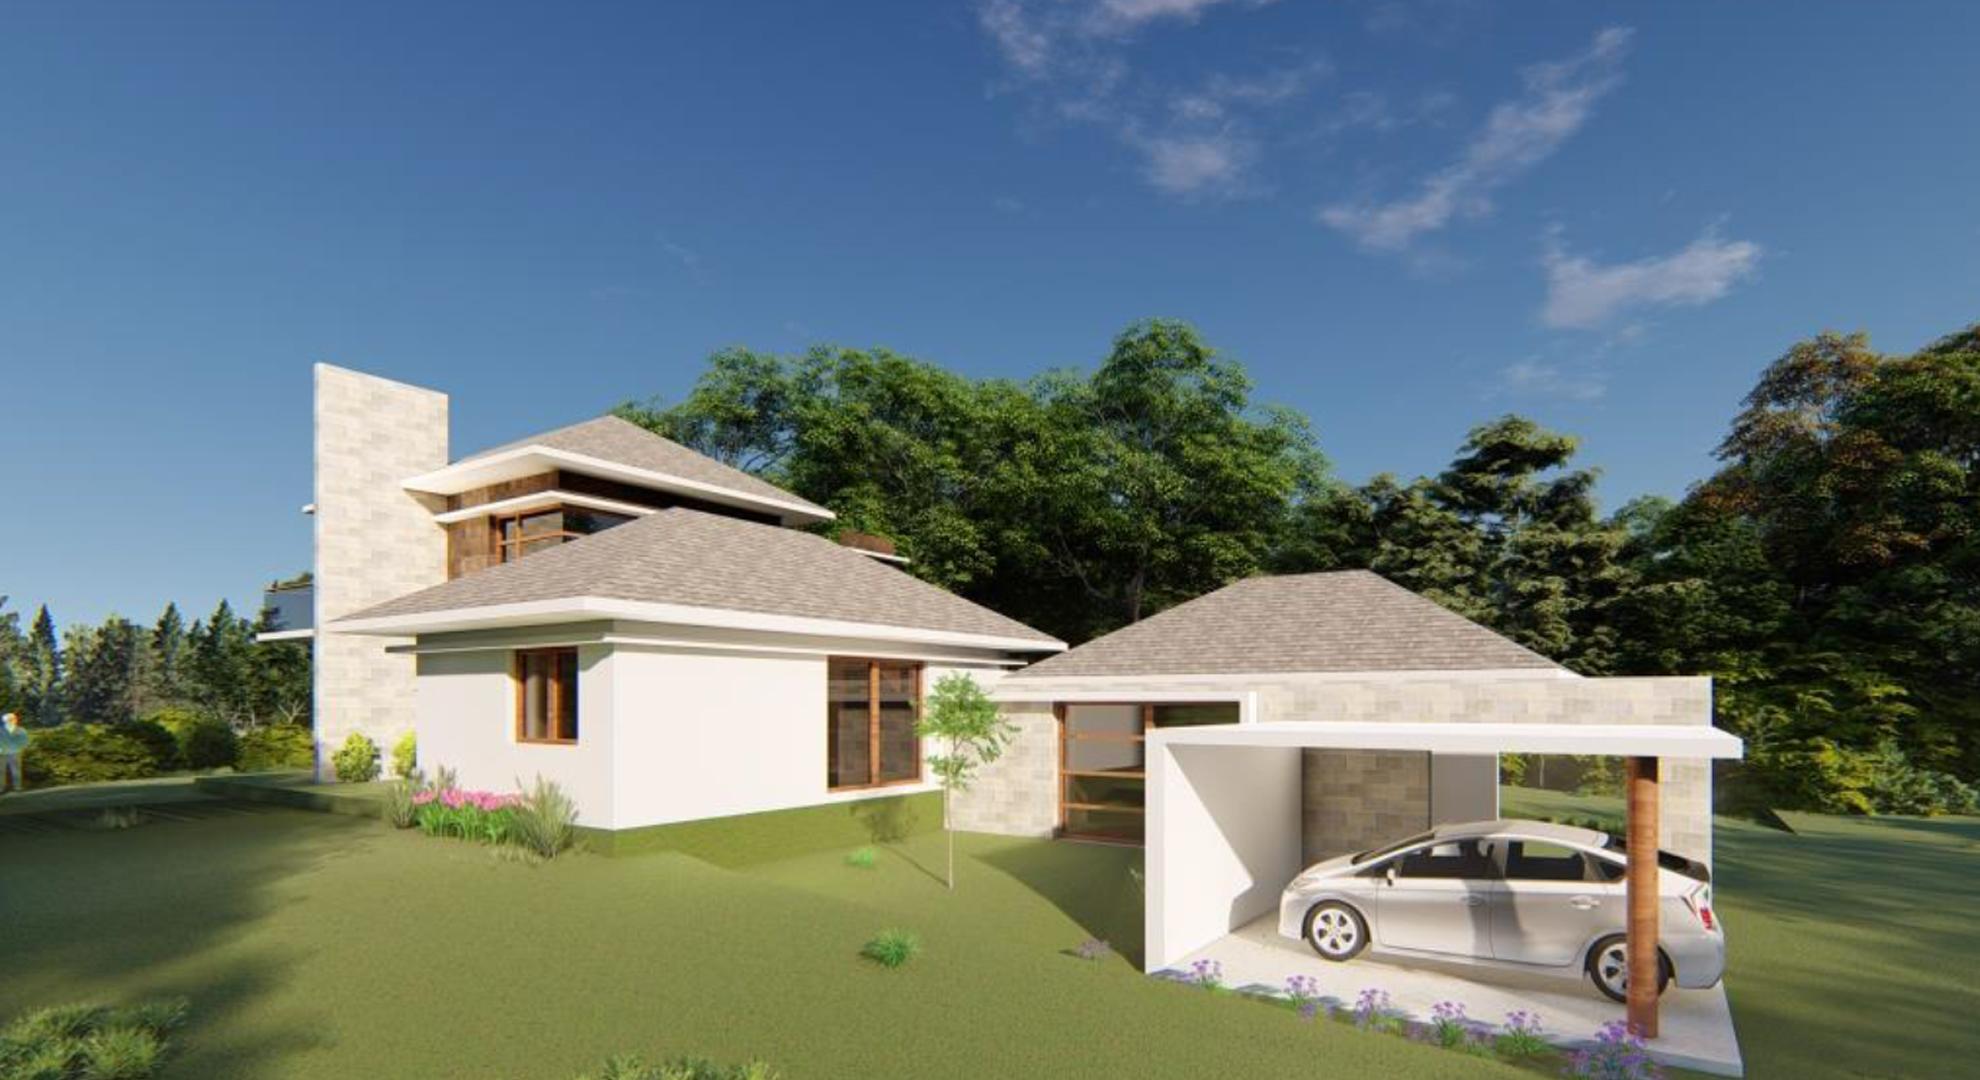 Community villas in Kotagiri